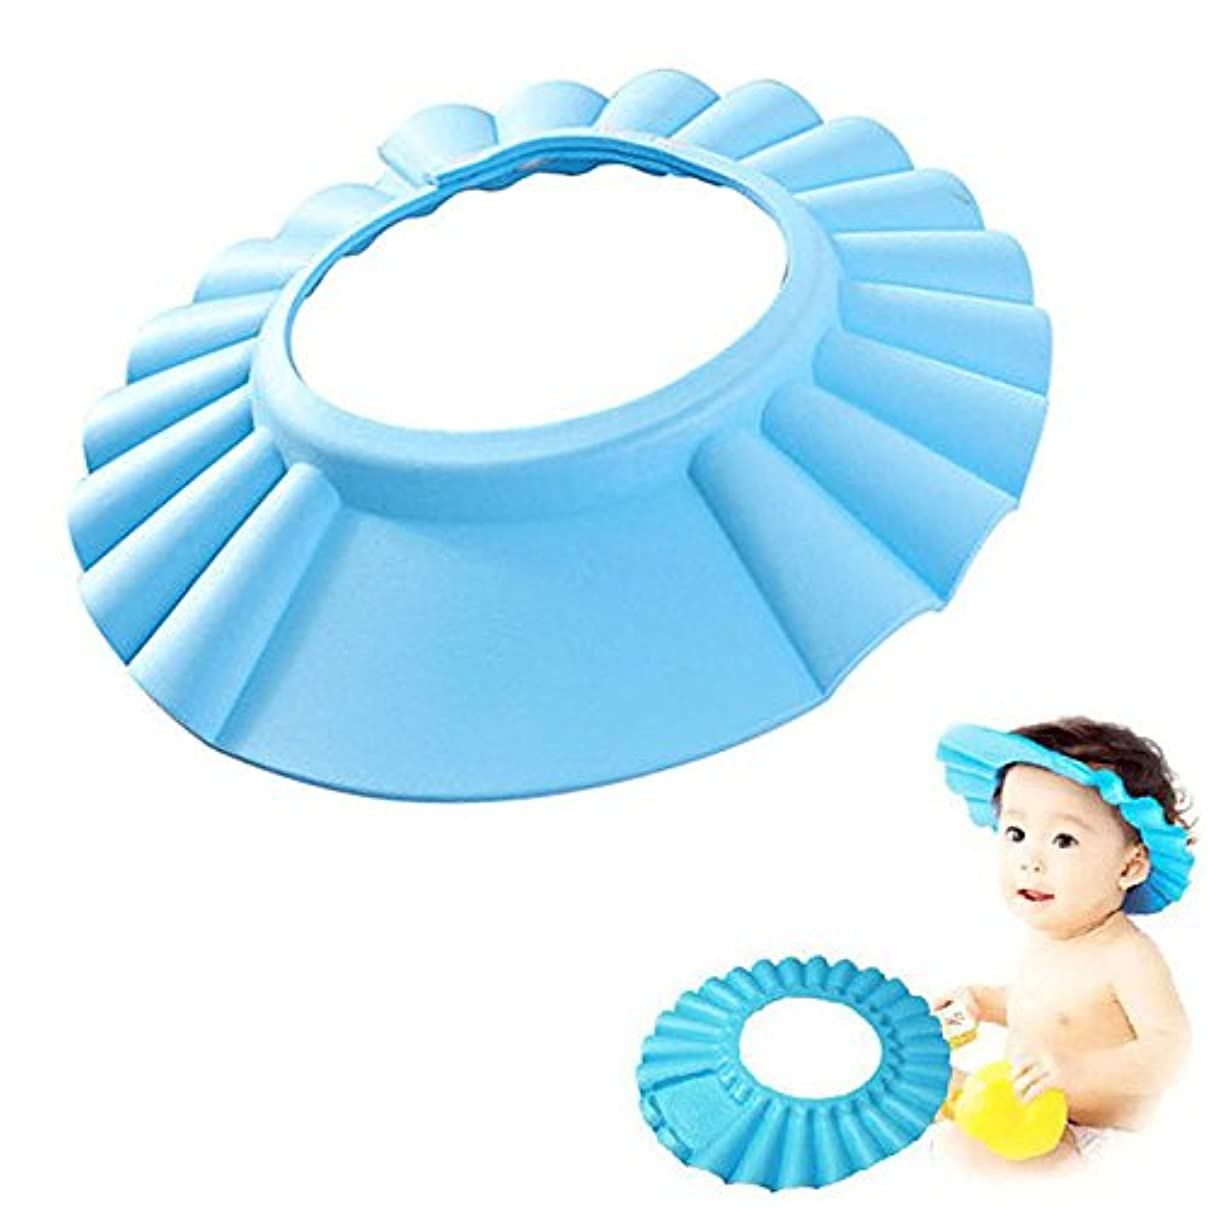 シャンプーハット 子供 洗髪用帽子 お風呂 防水帽 水漏れない樹脂 サイズ調節 (ブルー)